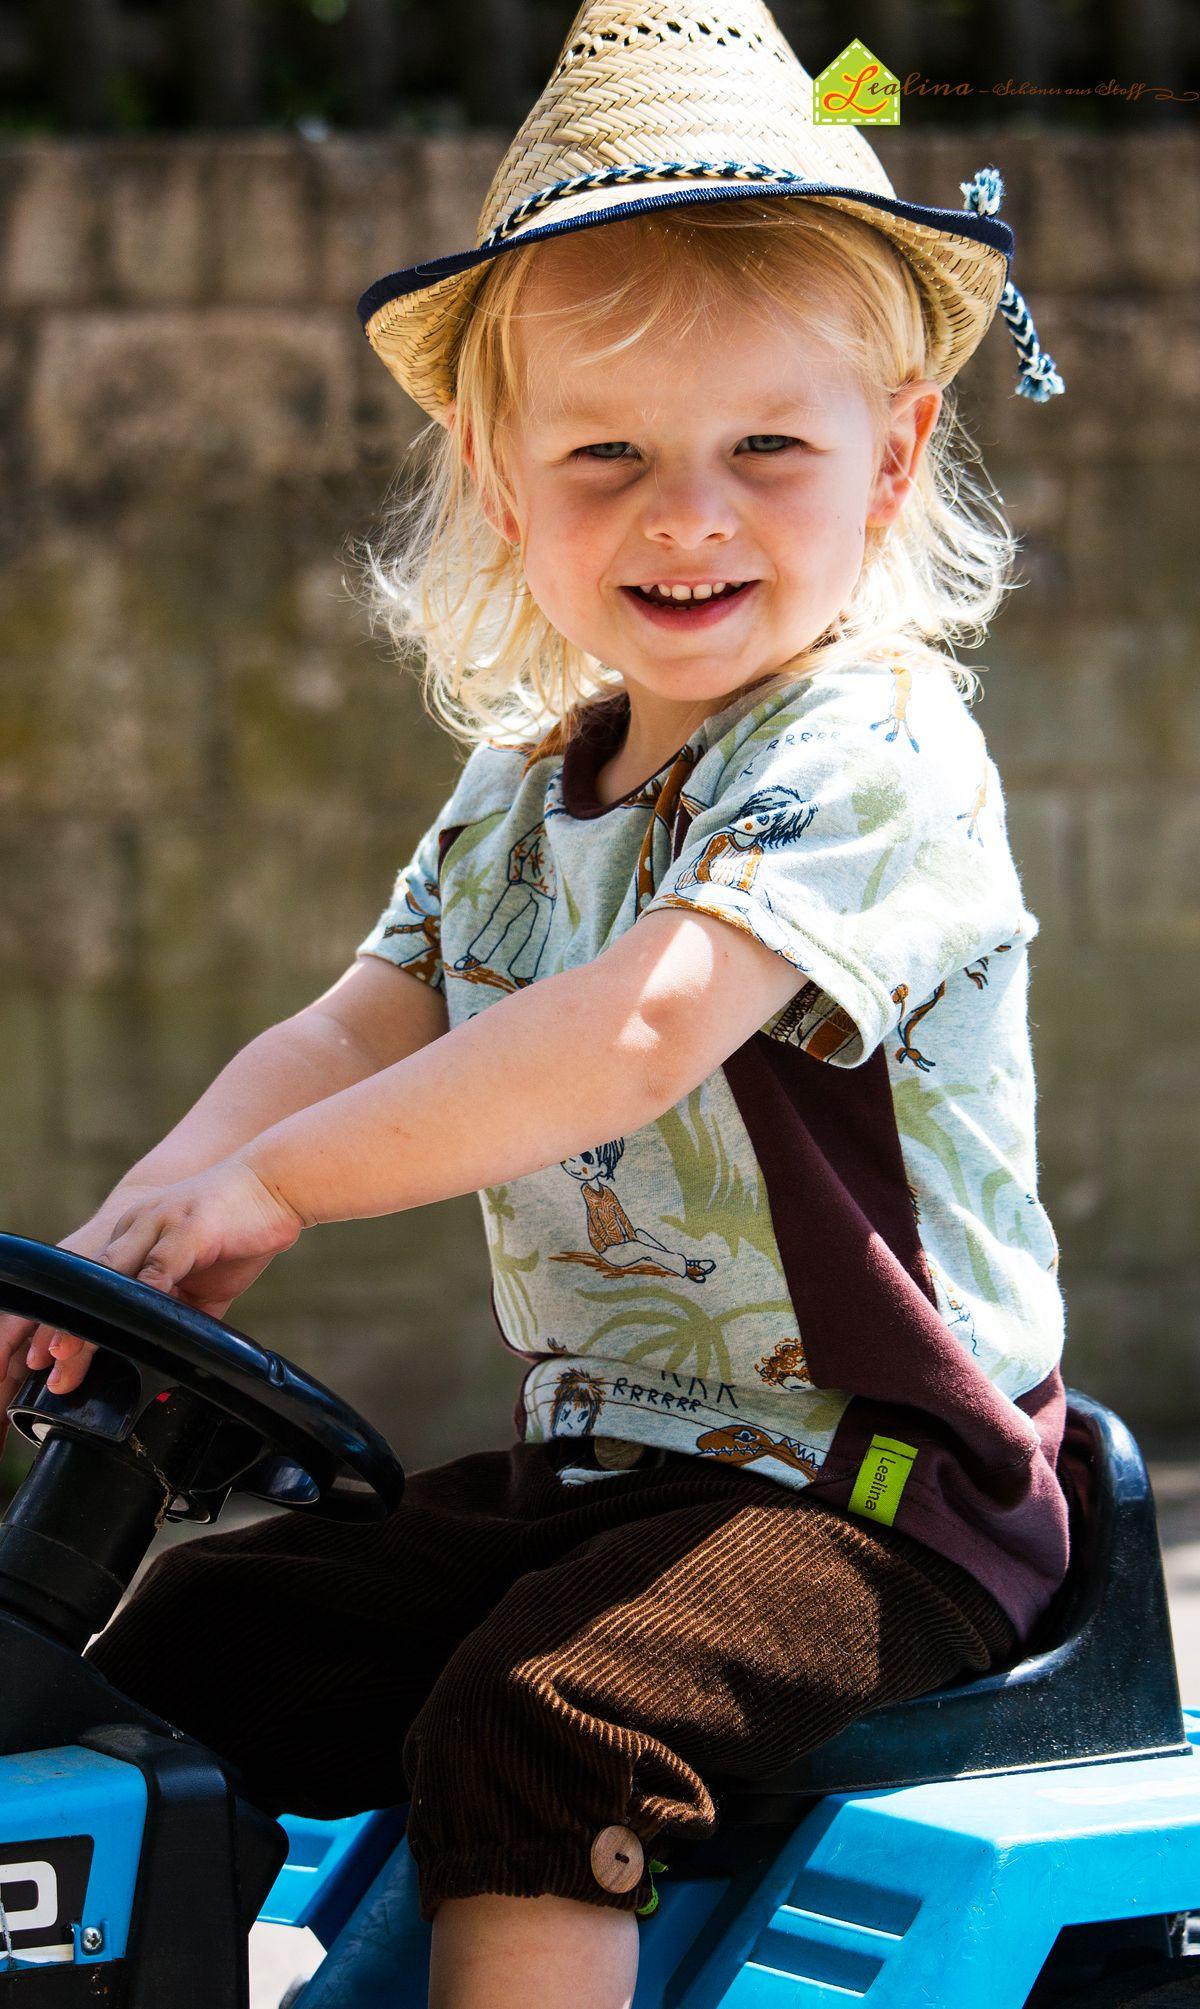 Ein Casual Raglan Mini Shirt (#SaraJulez) aus dem tollen DinoTraum Jersey von #lillestoff (Design: #susalabim)